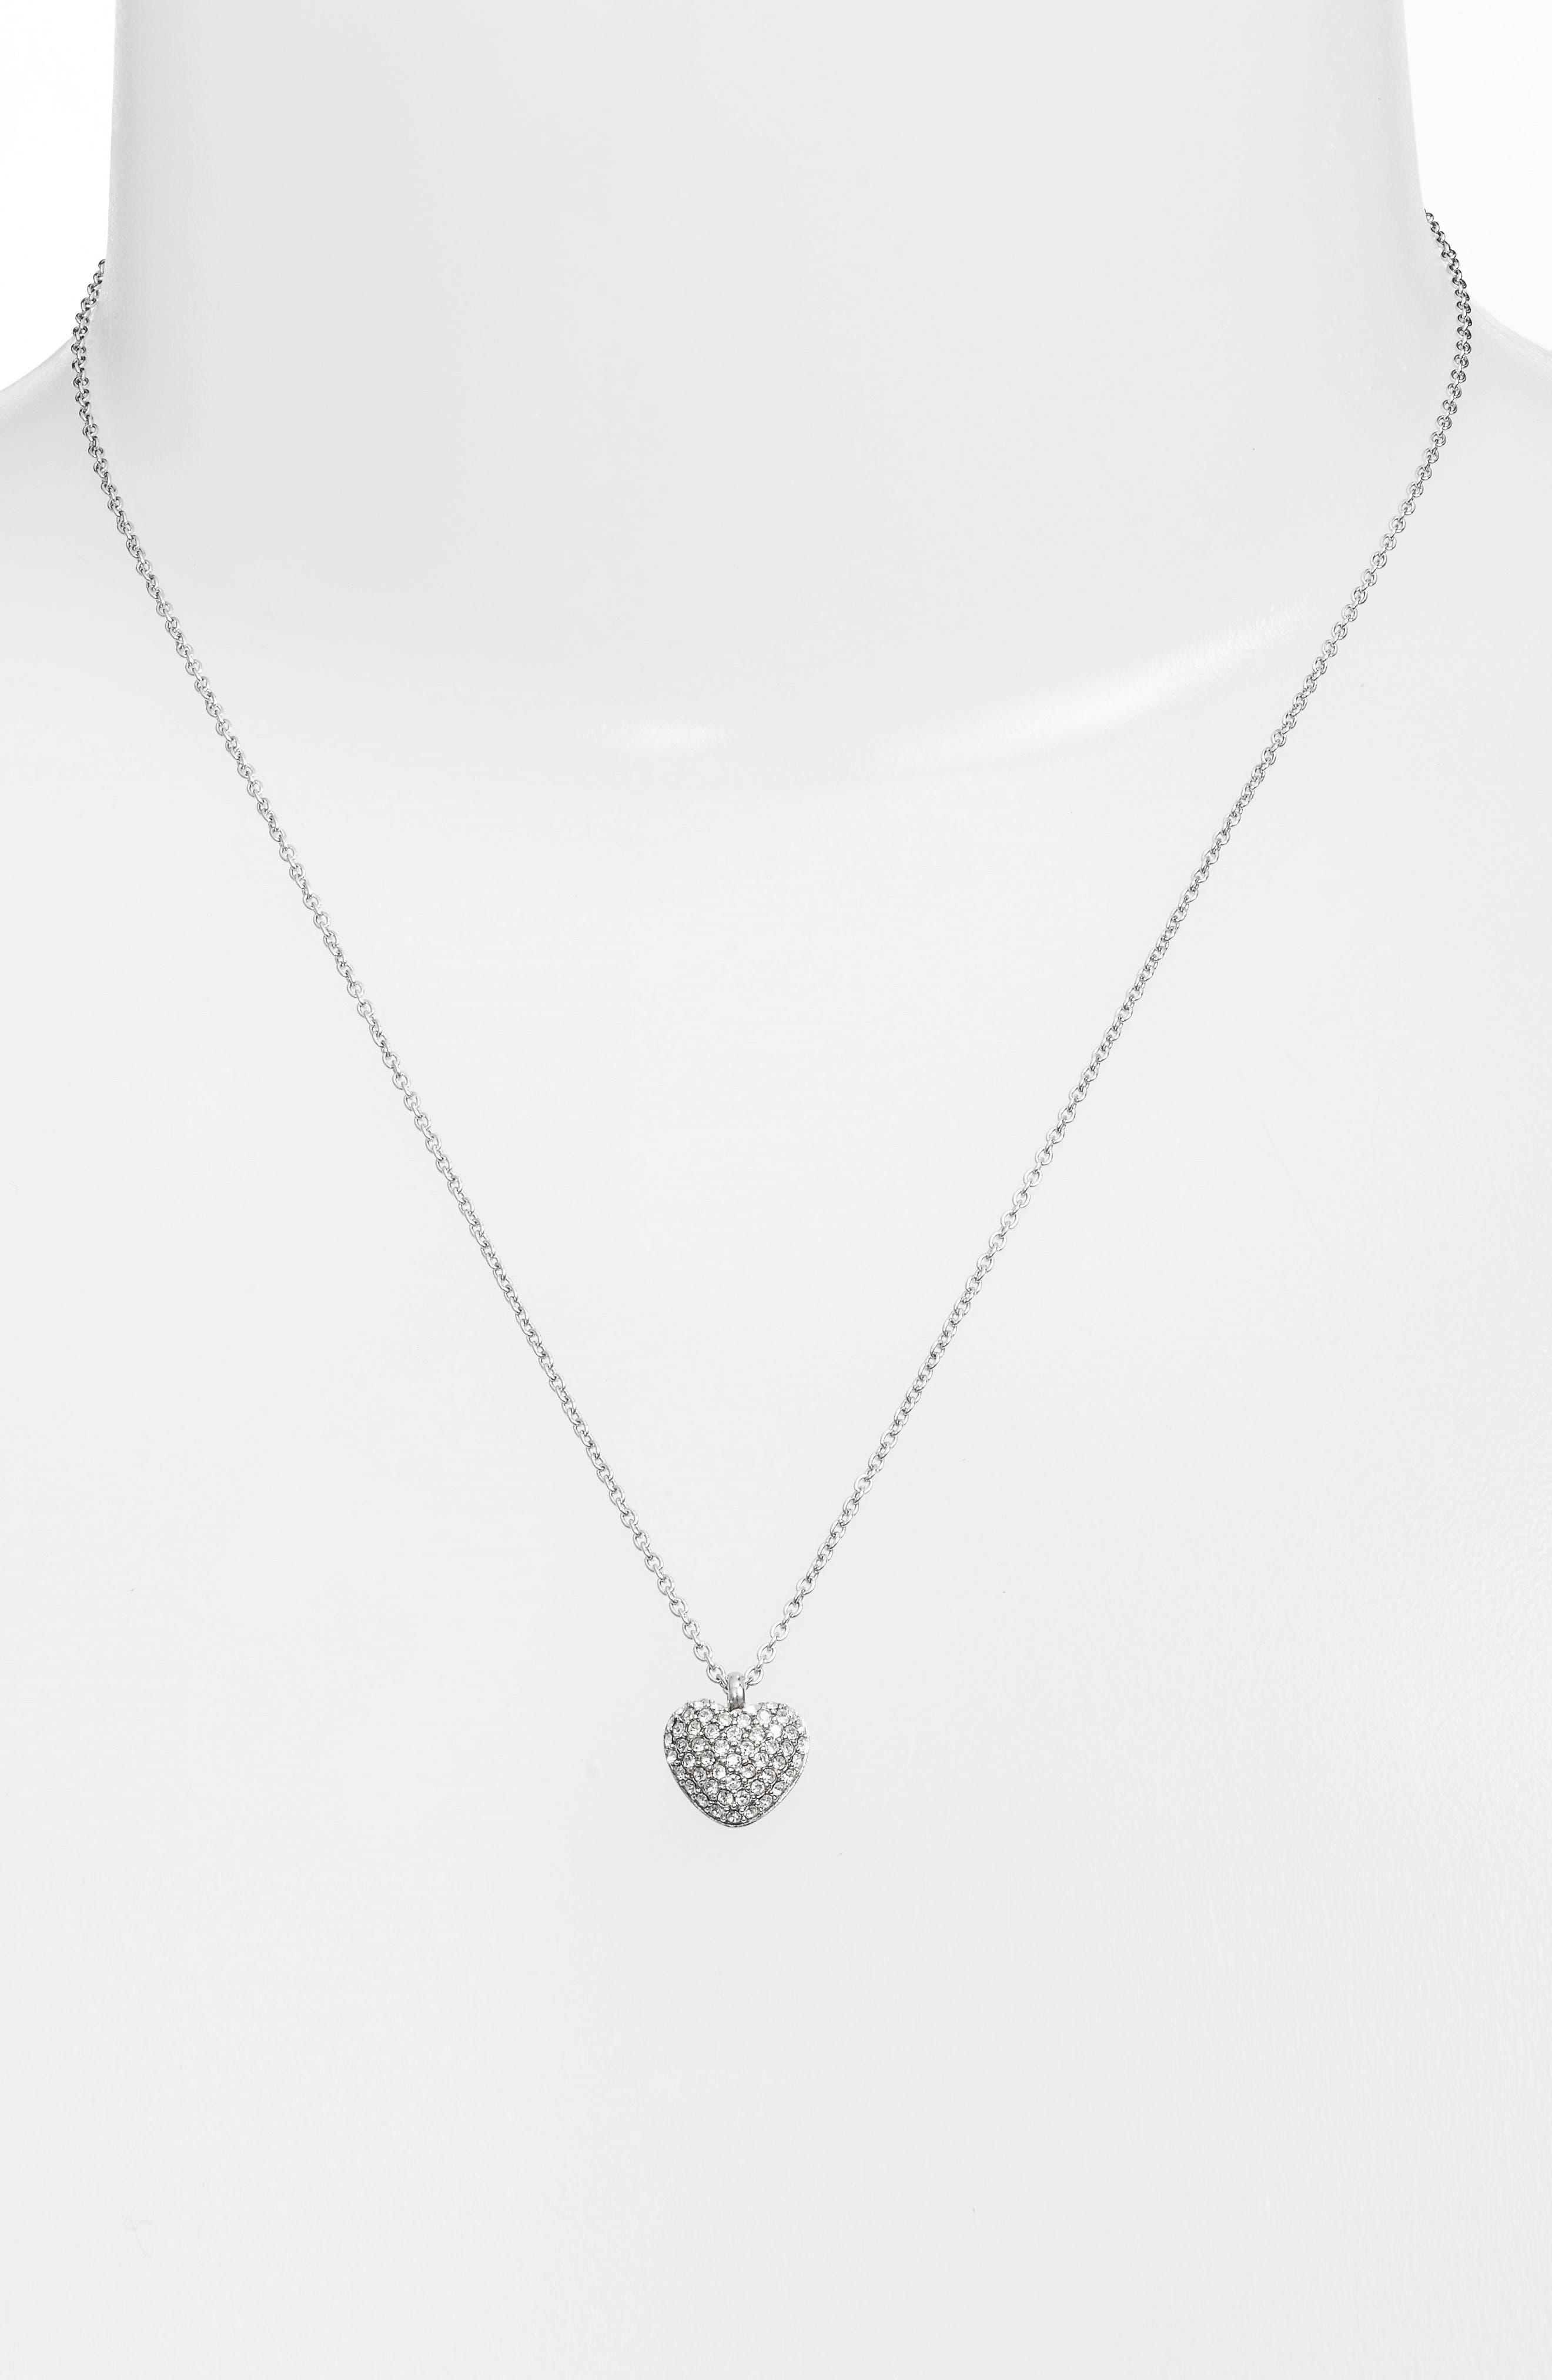 Main Image - Michael Kors Pavé Heart Pendant Necklace